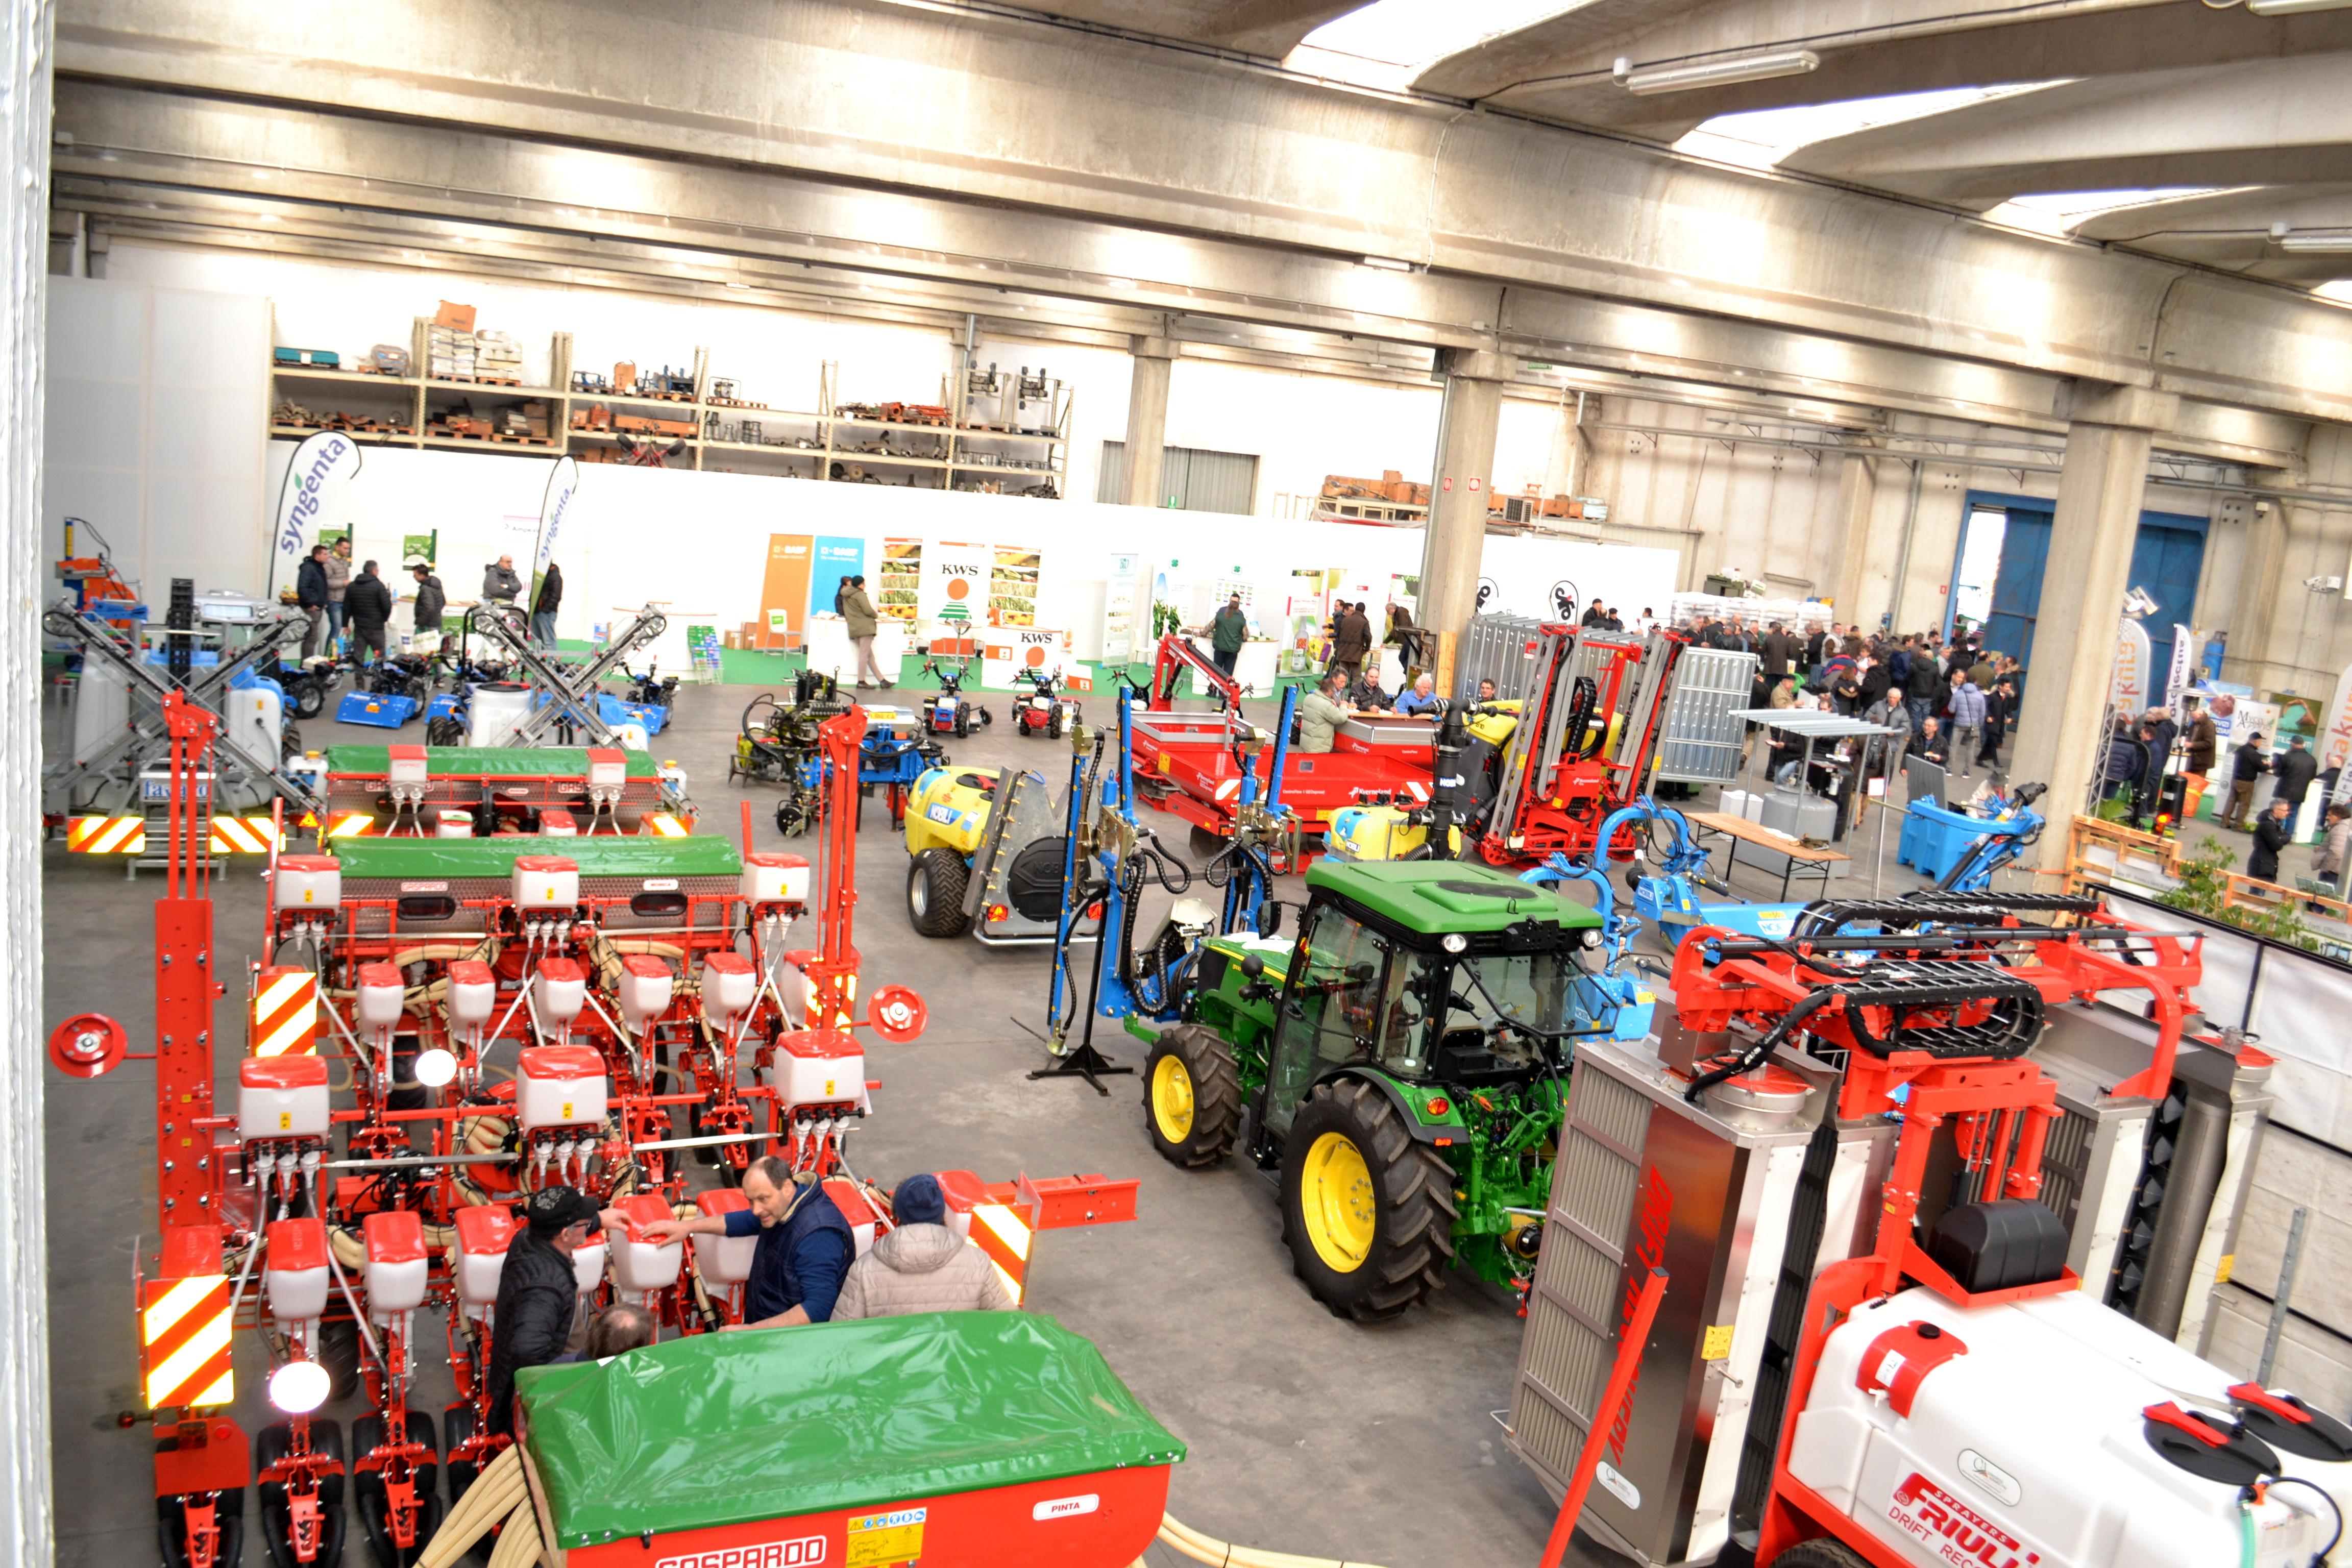 Droni in agricoltura, a Basiliano le Porte Aperte del Consorzio Agrario Fvg-2